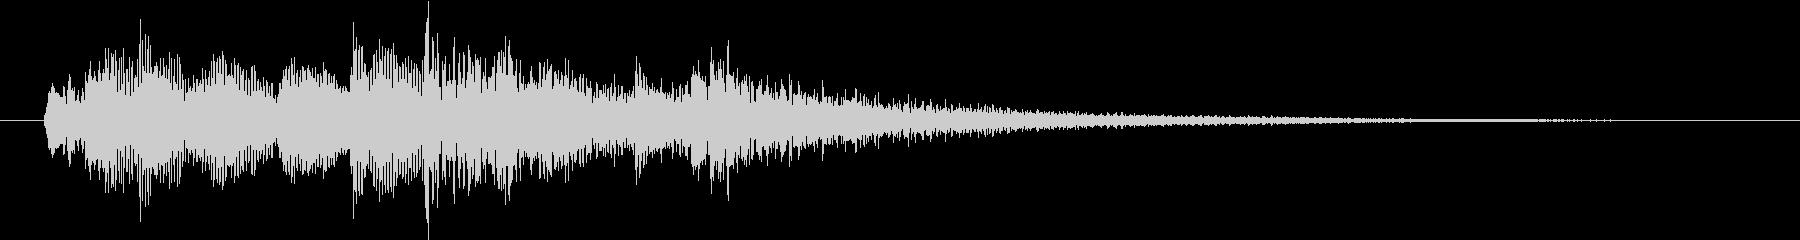 透明感のあるきれいなサウンドロゴの未再生の波形